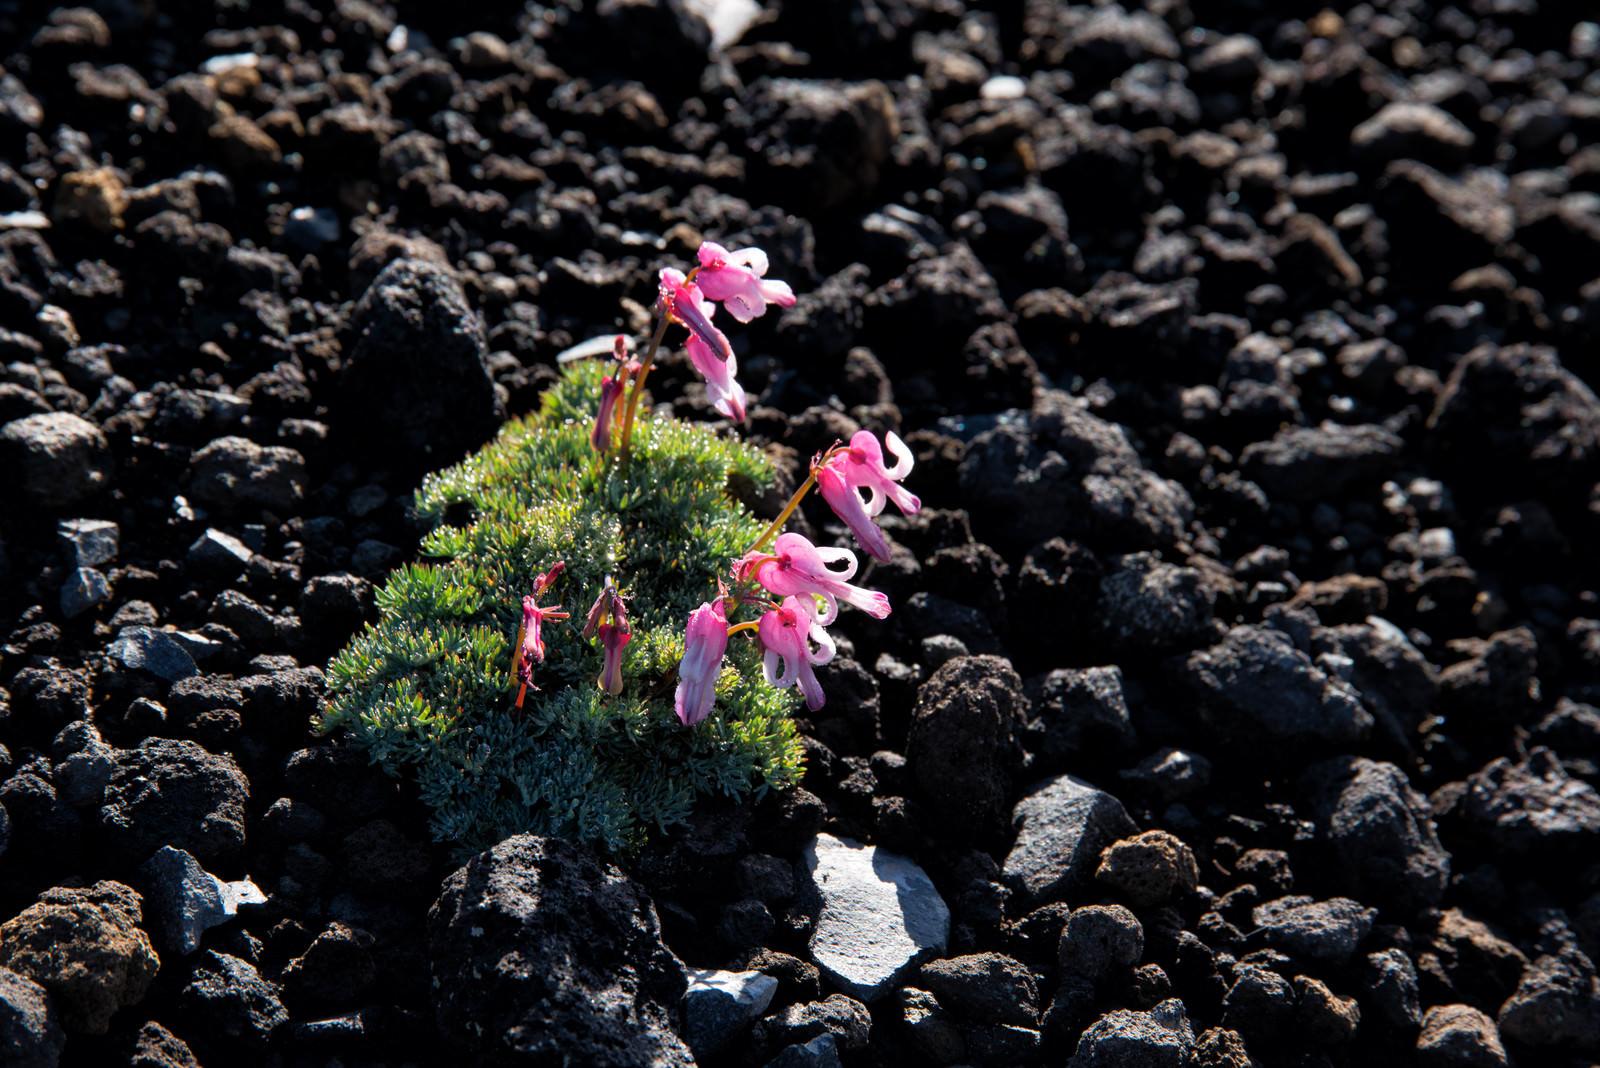 「砂礫地に開花するコマクサ(高山植物)」の写真